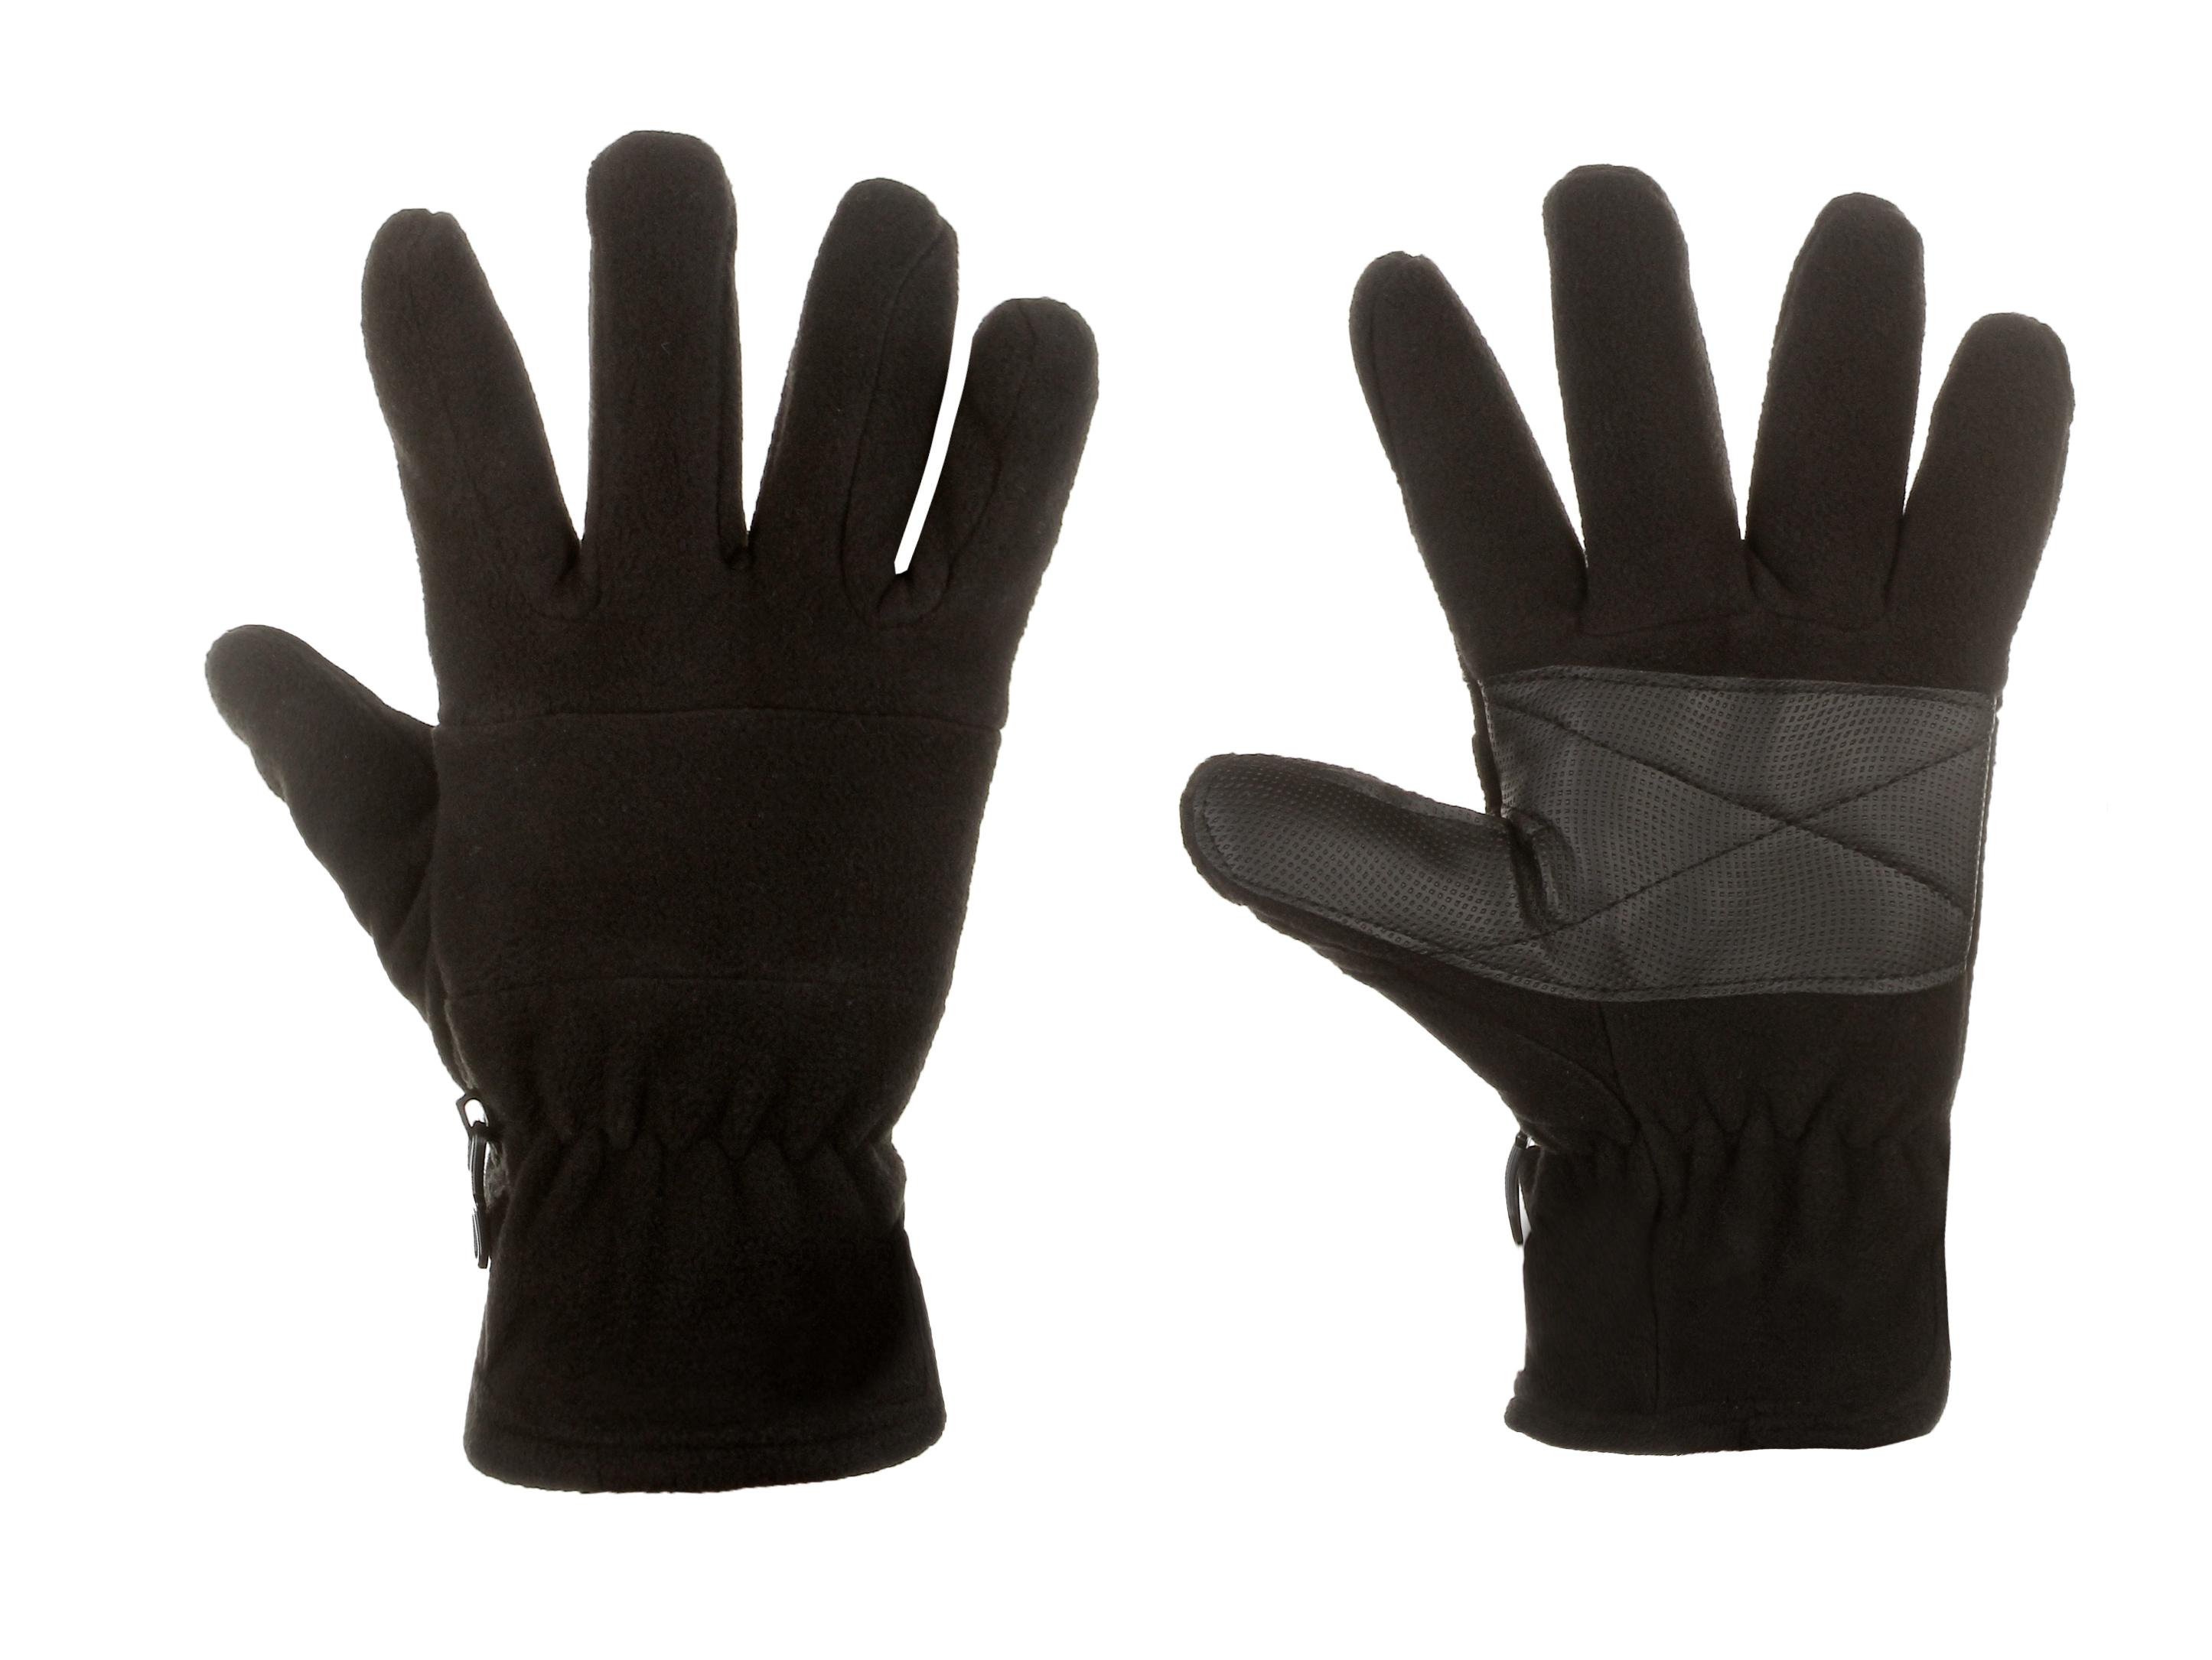 Перчатки флисовые утепленные AS4 (One Size) - Сеть спортивных ... c2f32b4cb3a